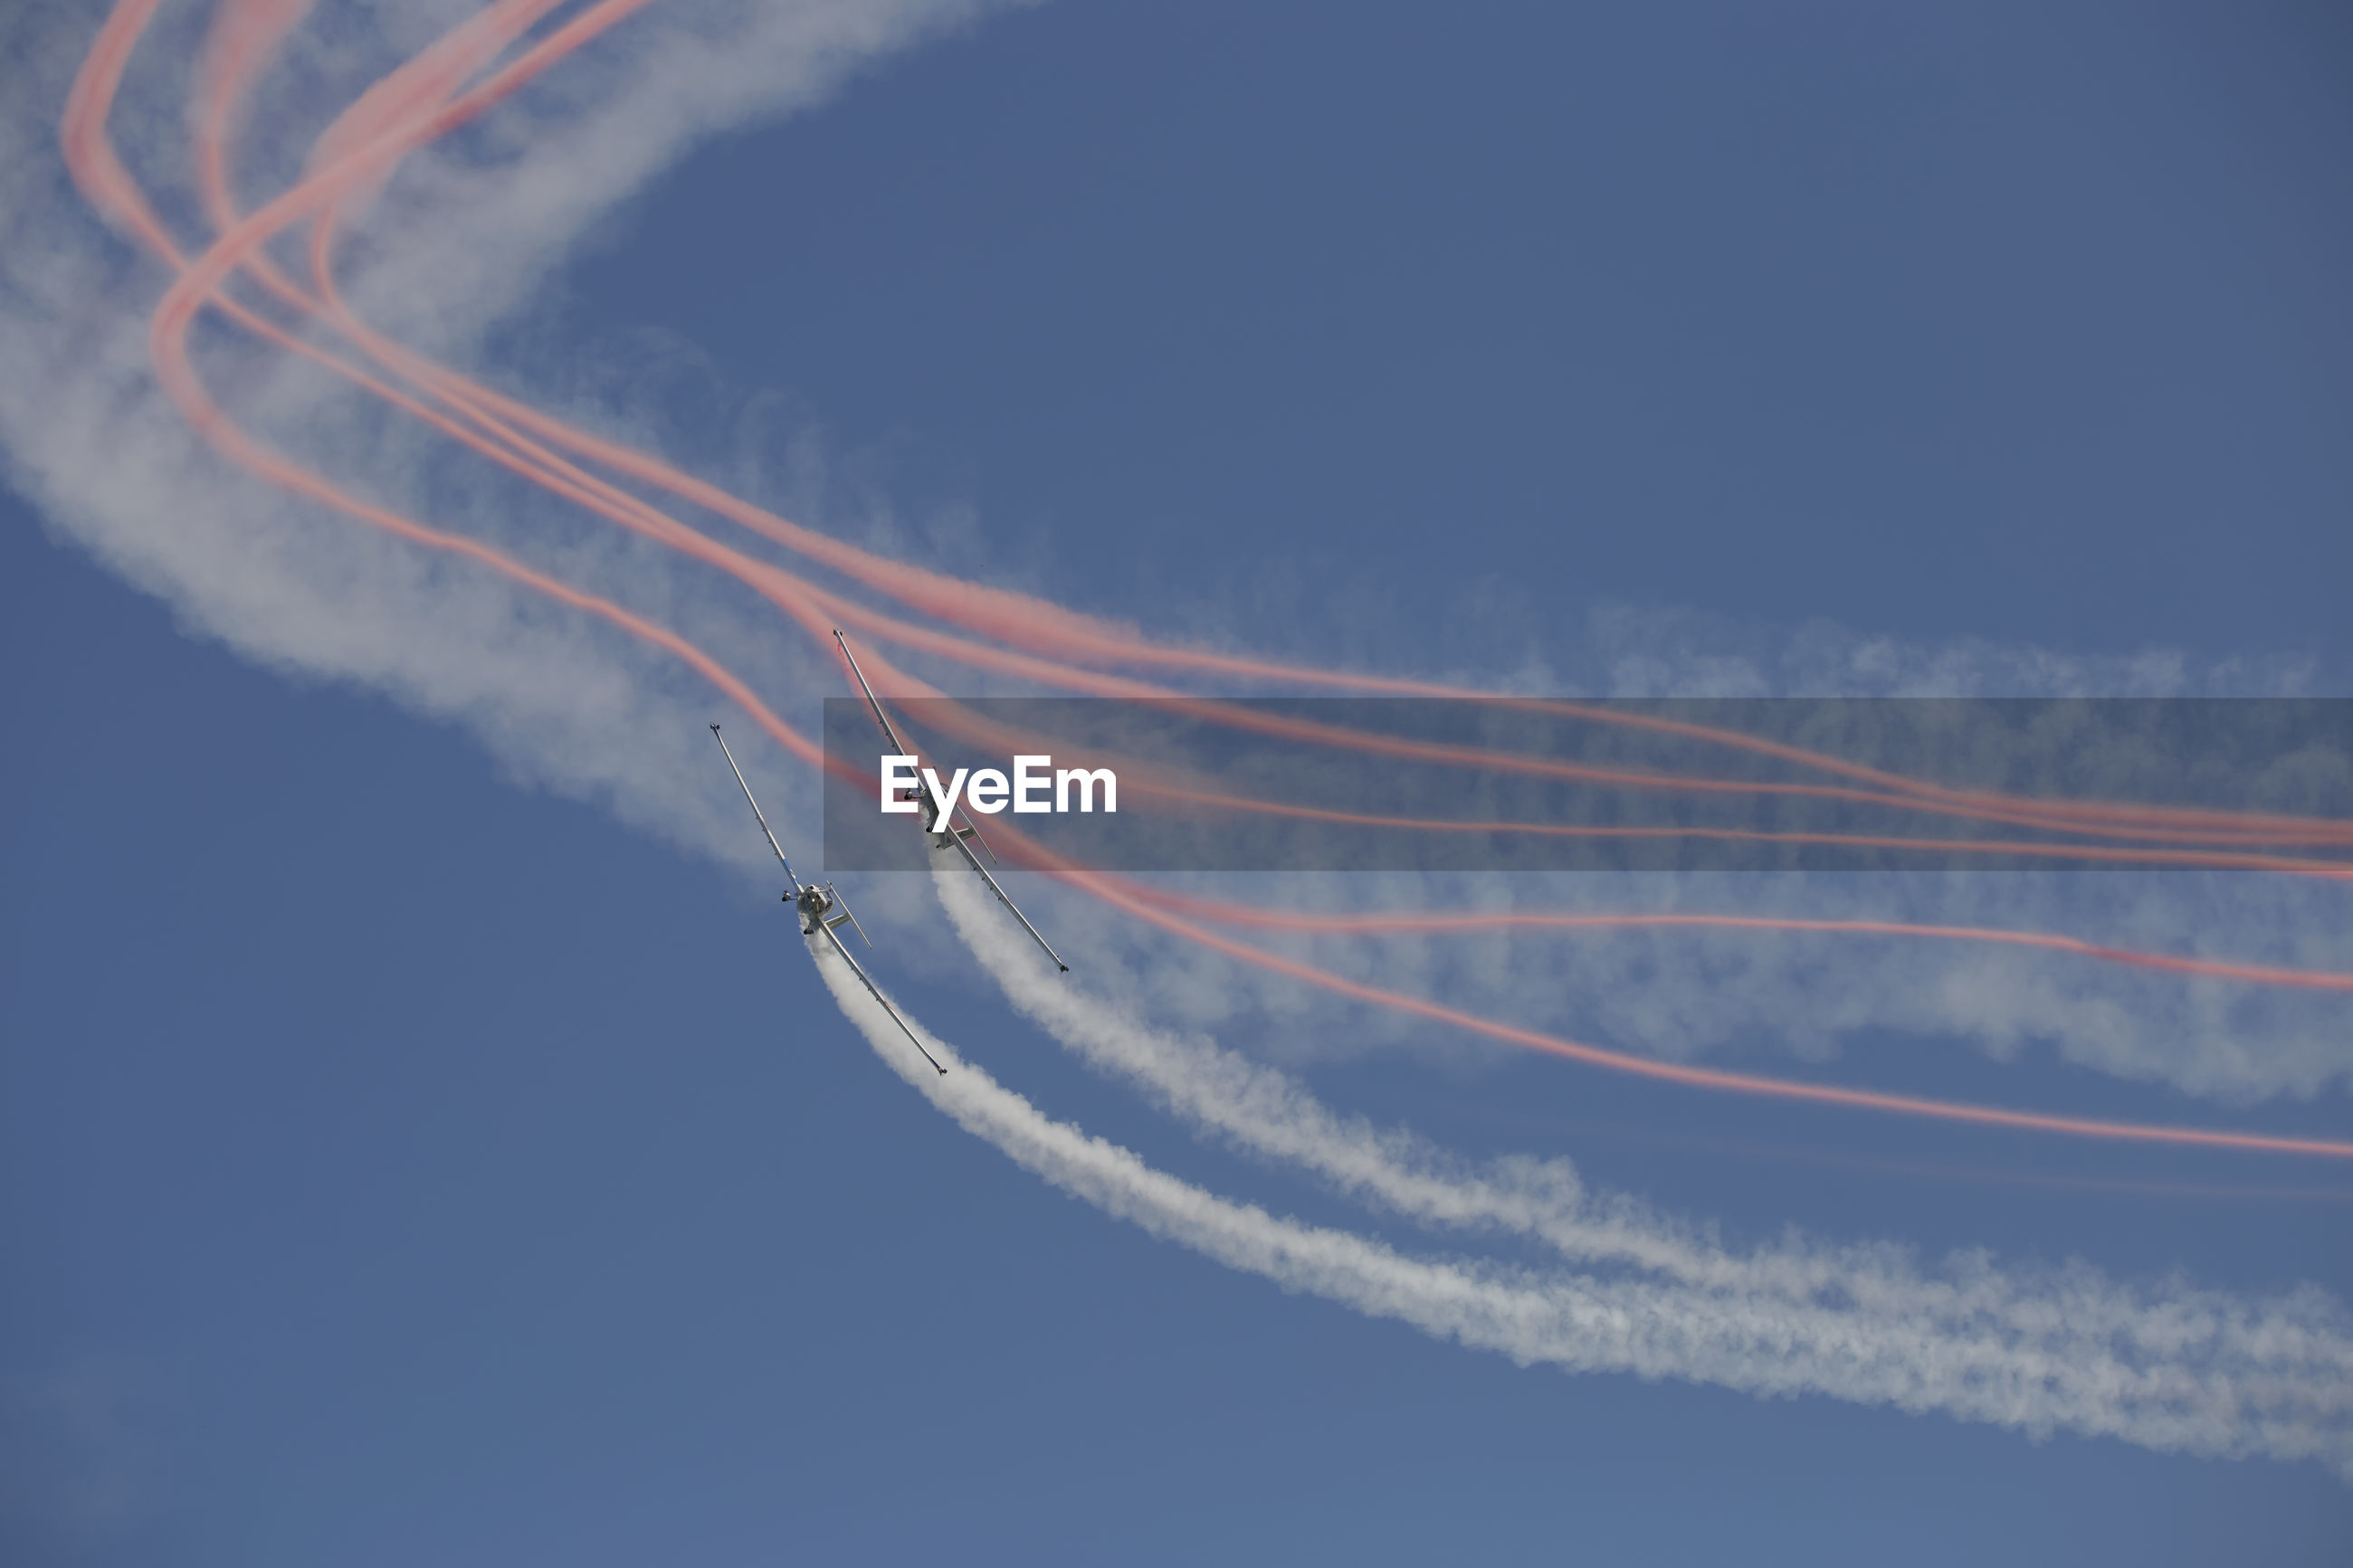 Aerobatics in an air show